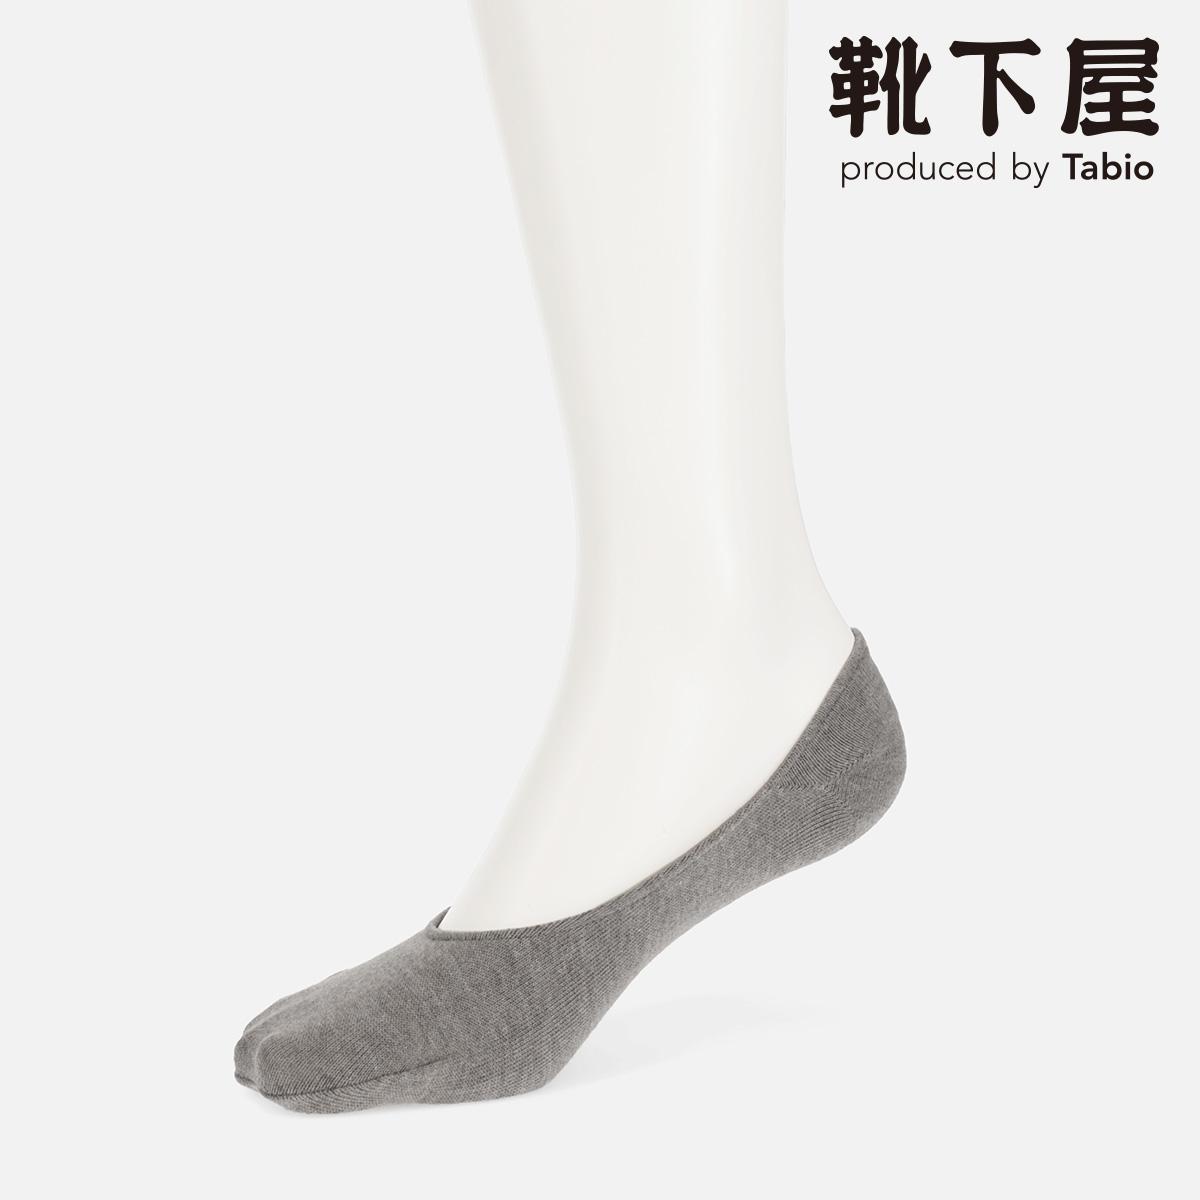 靴下屋 滑り止め付き 無地カバーソックス 24~26cm 靴下 タビオ 誕生日プレゼント Tabio くつ下 日本製 レディース L 驚きの値段 カバー フットカバー あす楽 大きいサイズ